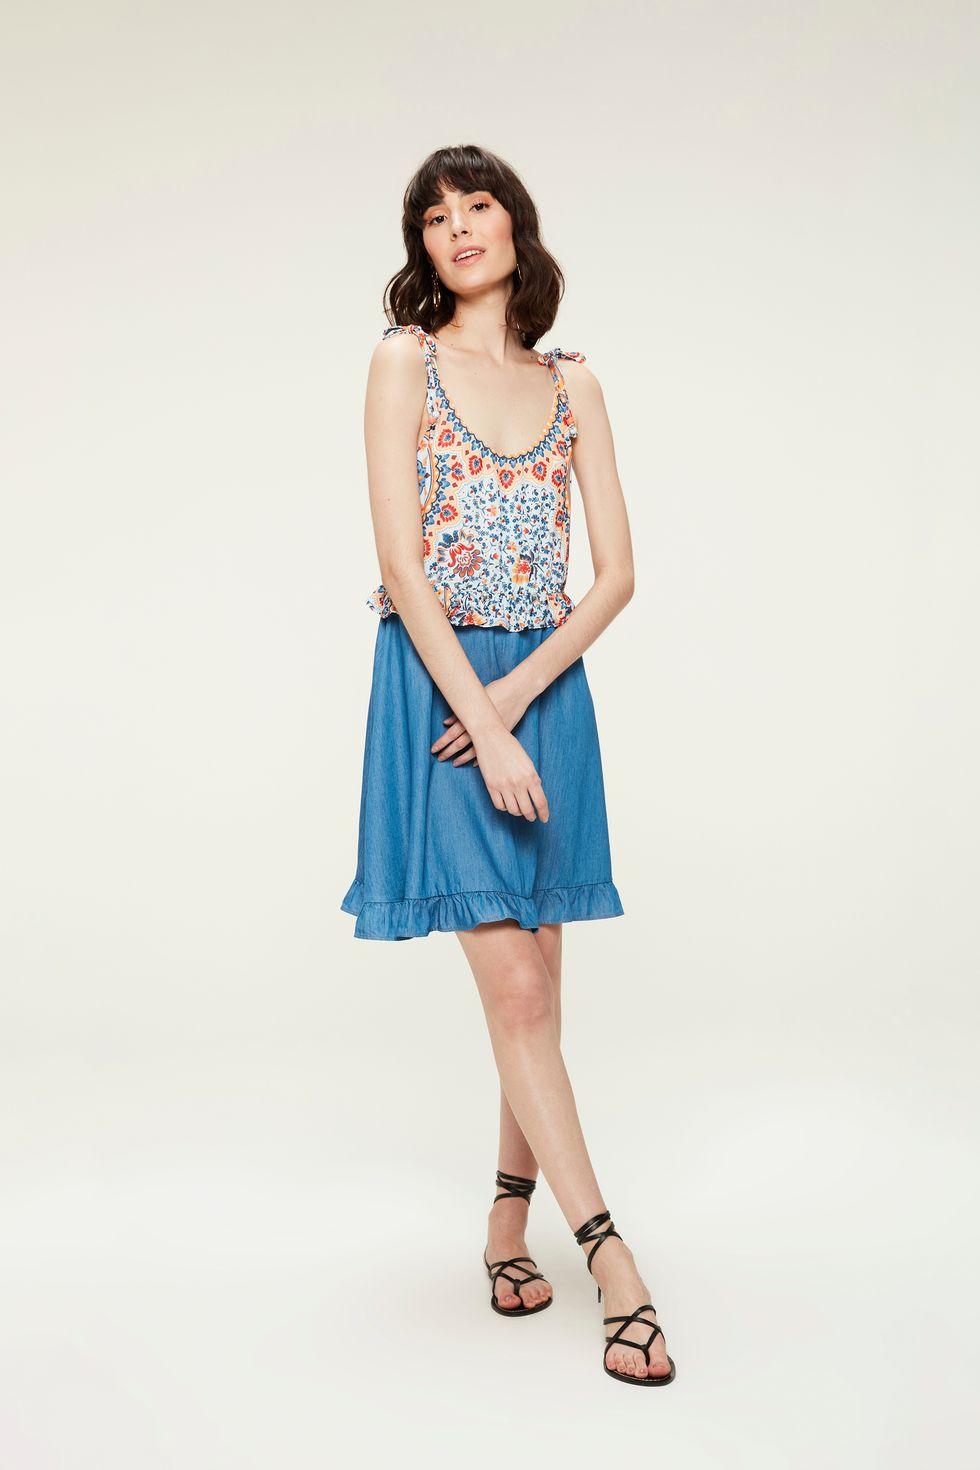 Vestido-Jeans-Estampa-Floral-Colorida-Frente--